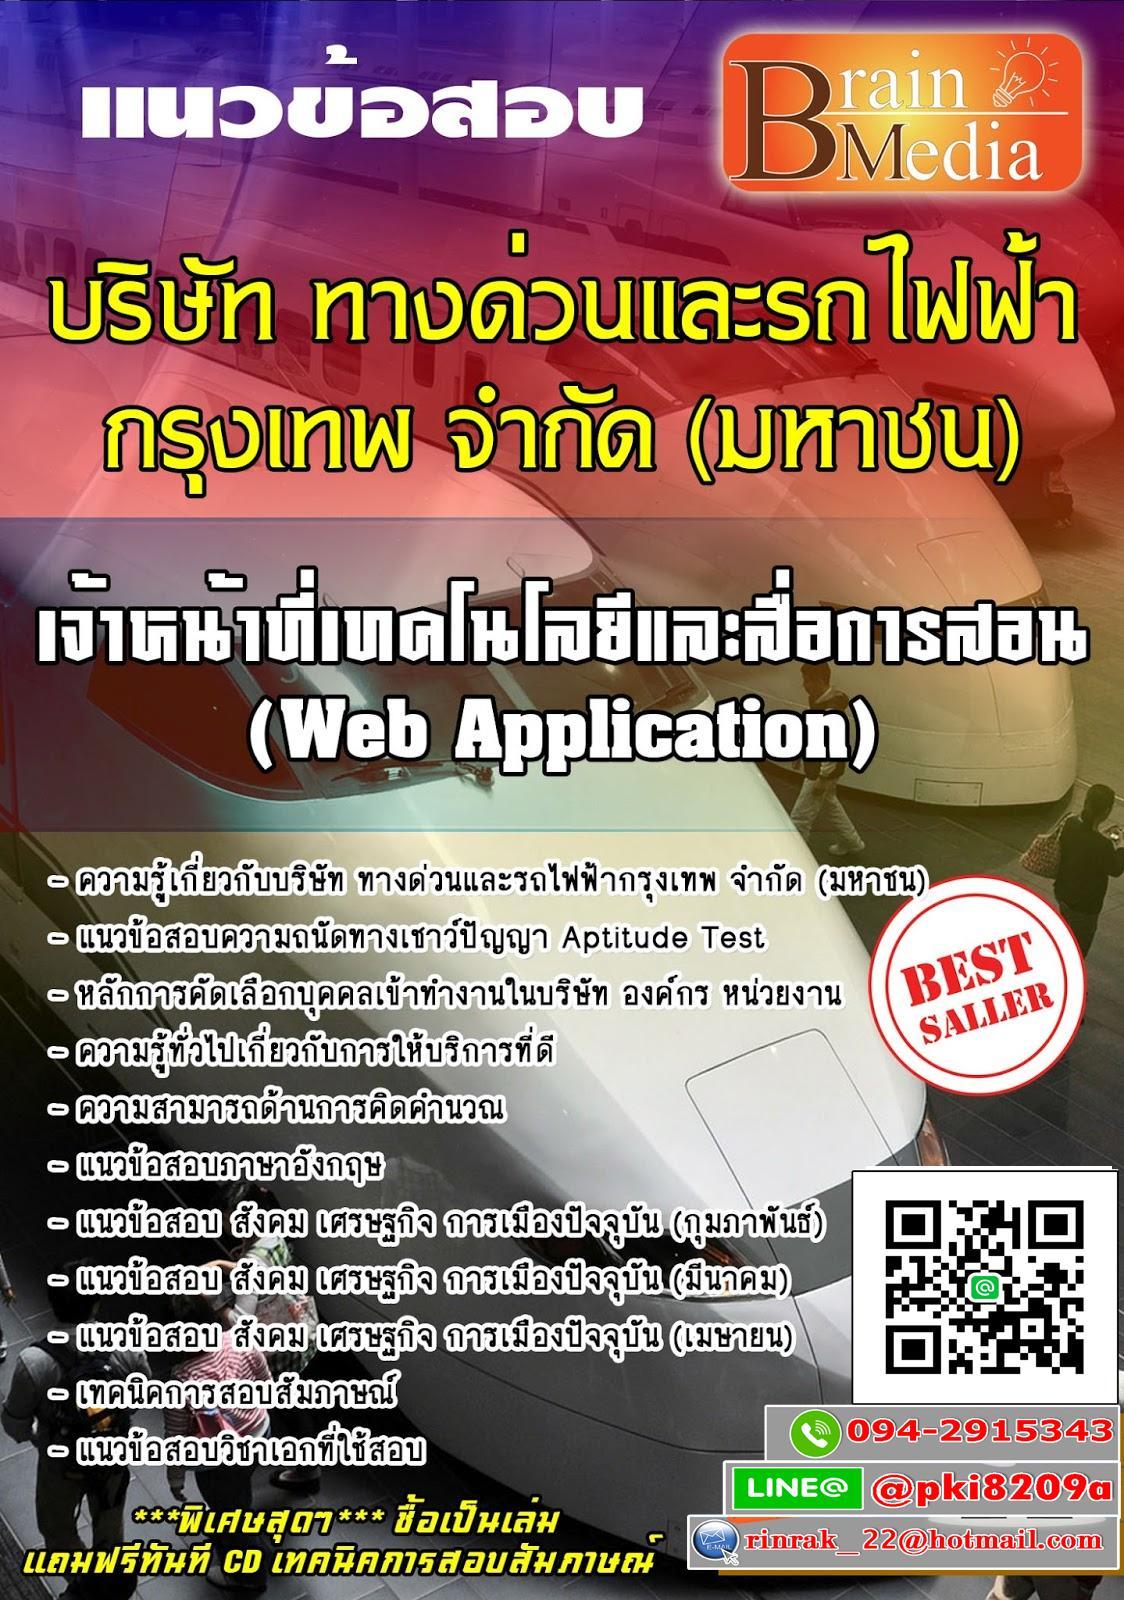 สรุปแนวข้อสอบ เจ้าหน้าที่เทคโนโลยีและสื่อการสอน(WebApplication) บริษัททางด่วนและรถไฟฟ้ากรุงเทพจำกัด(มหาชน)